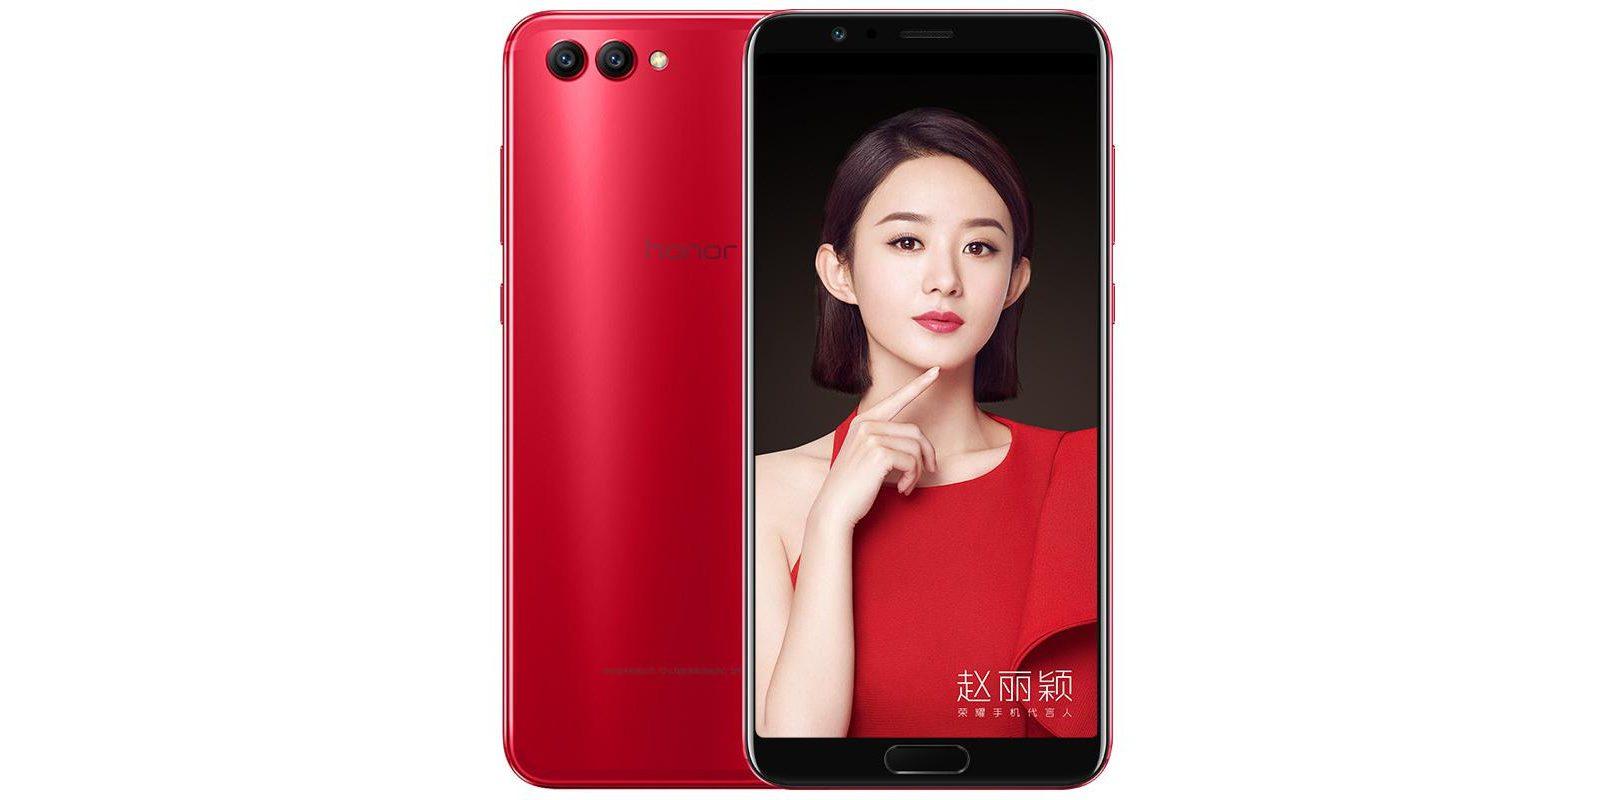 Le Honor V10 est là, avec écran 18:9, Android Oreo, Kirin 970 et plus